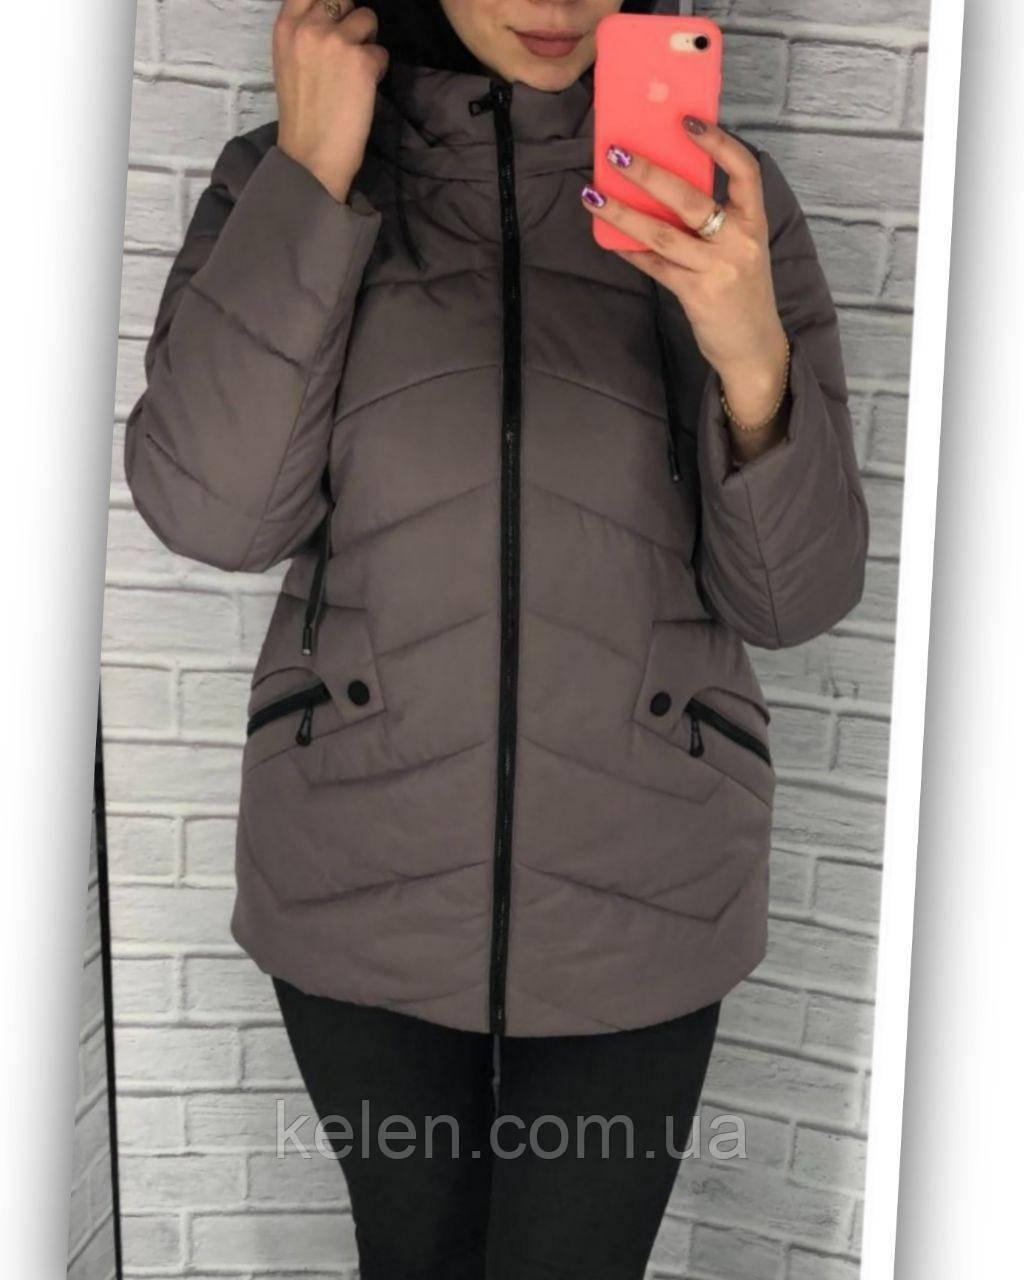 Куртка женская бежево-розового цвета размеры с 50 по 60